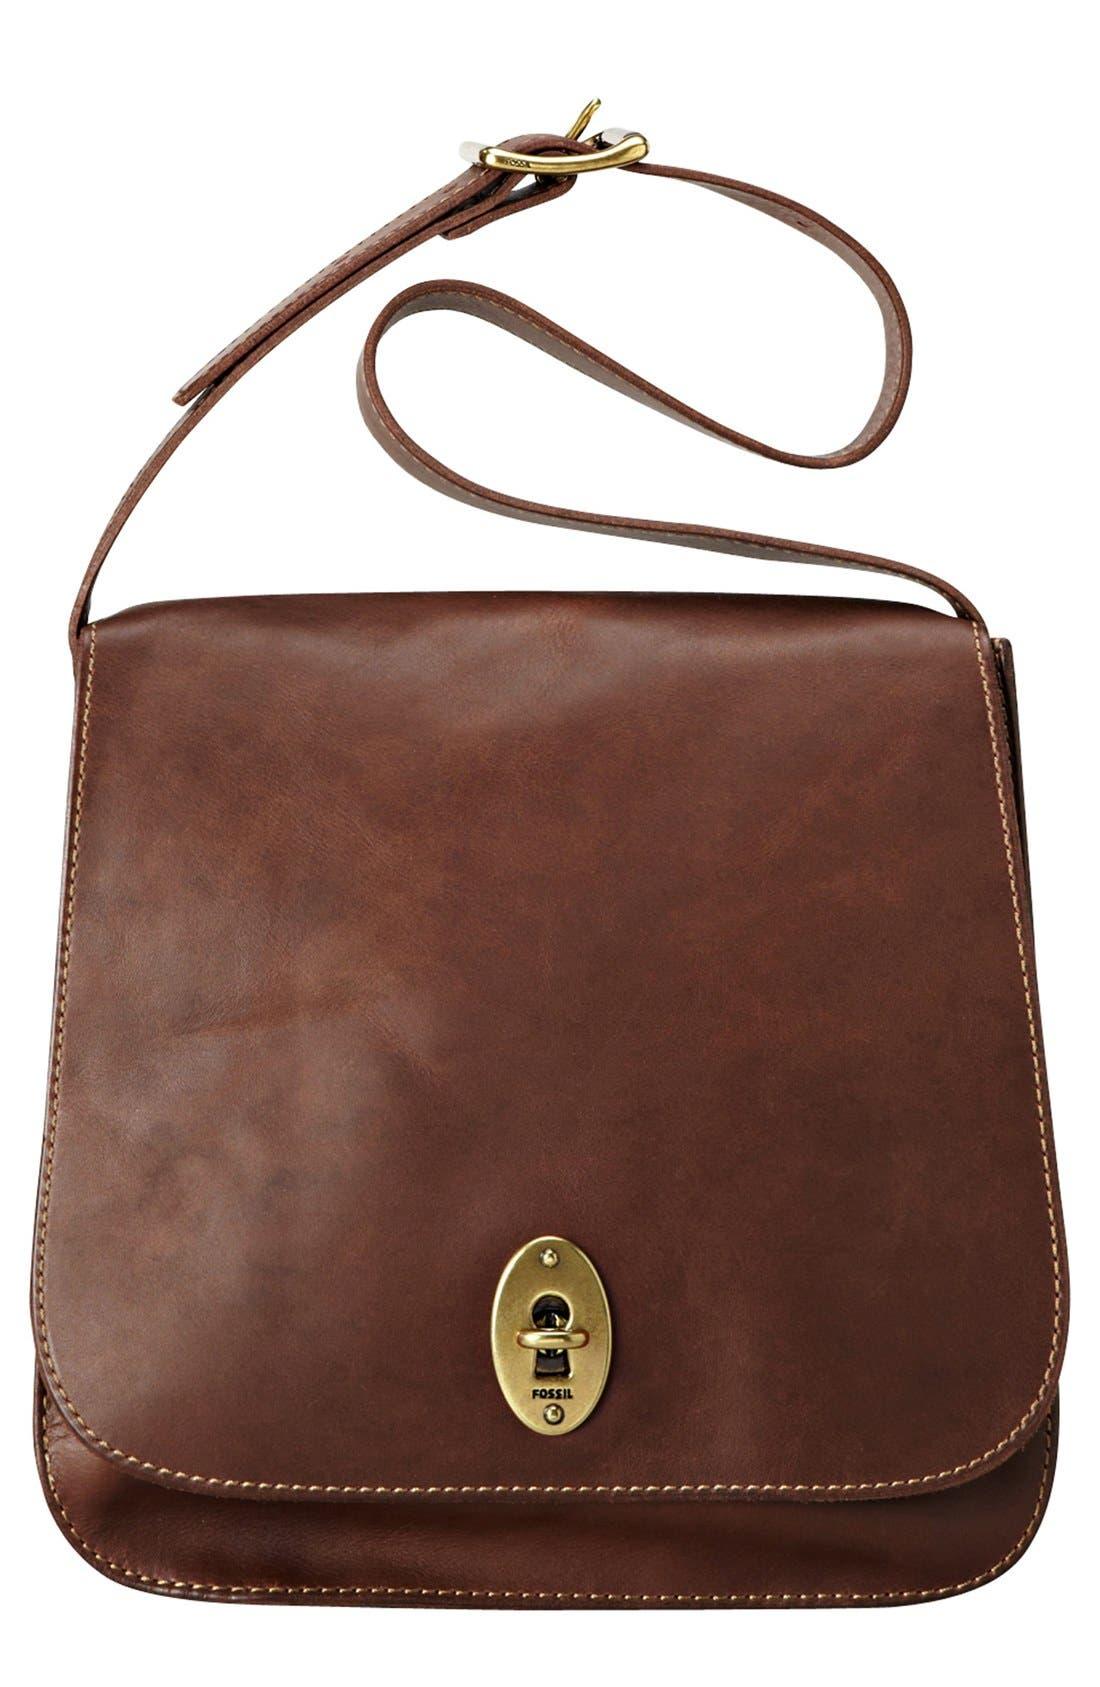 Alternate Image 1 Selected - Fossil 'Austin' Shoulder Bag